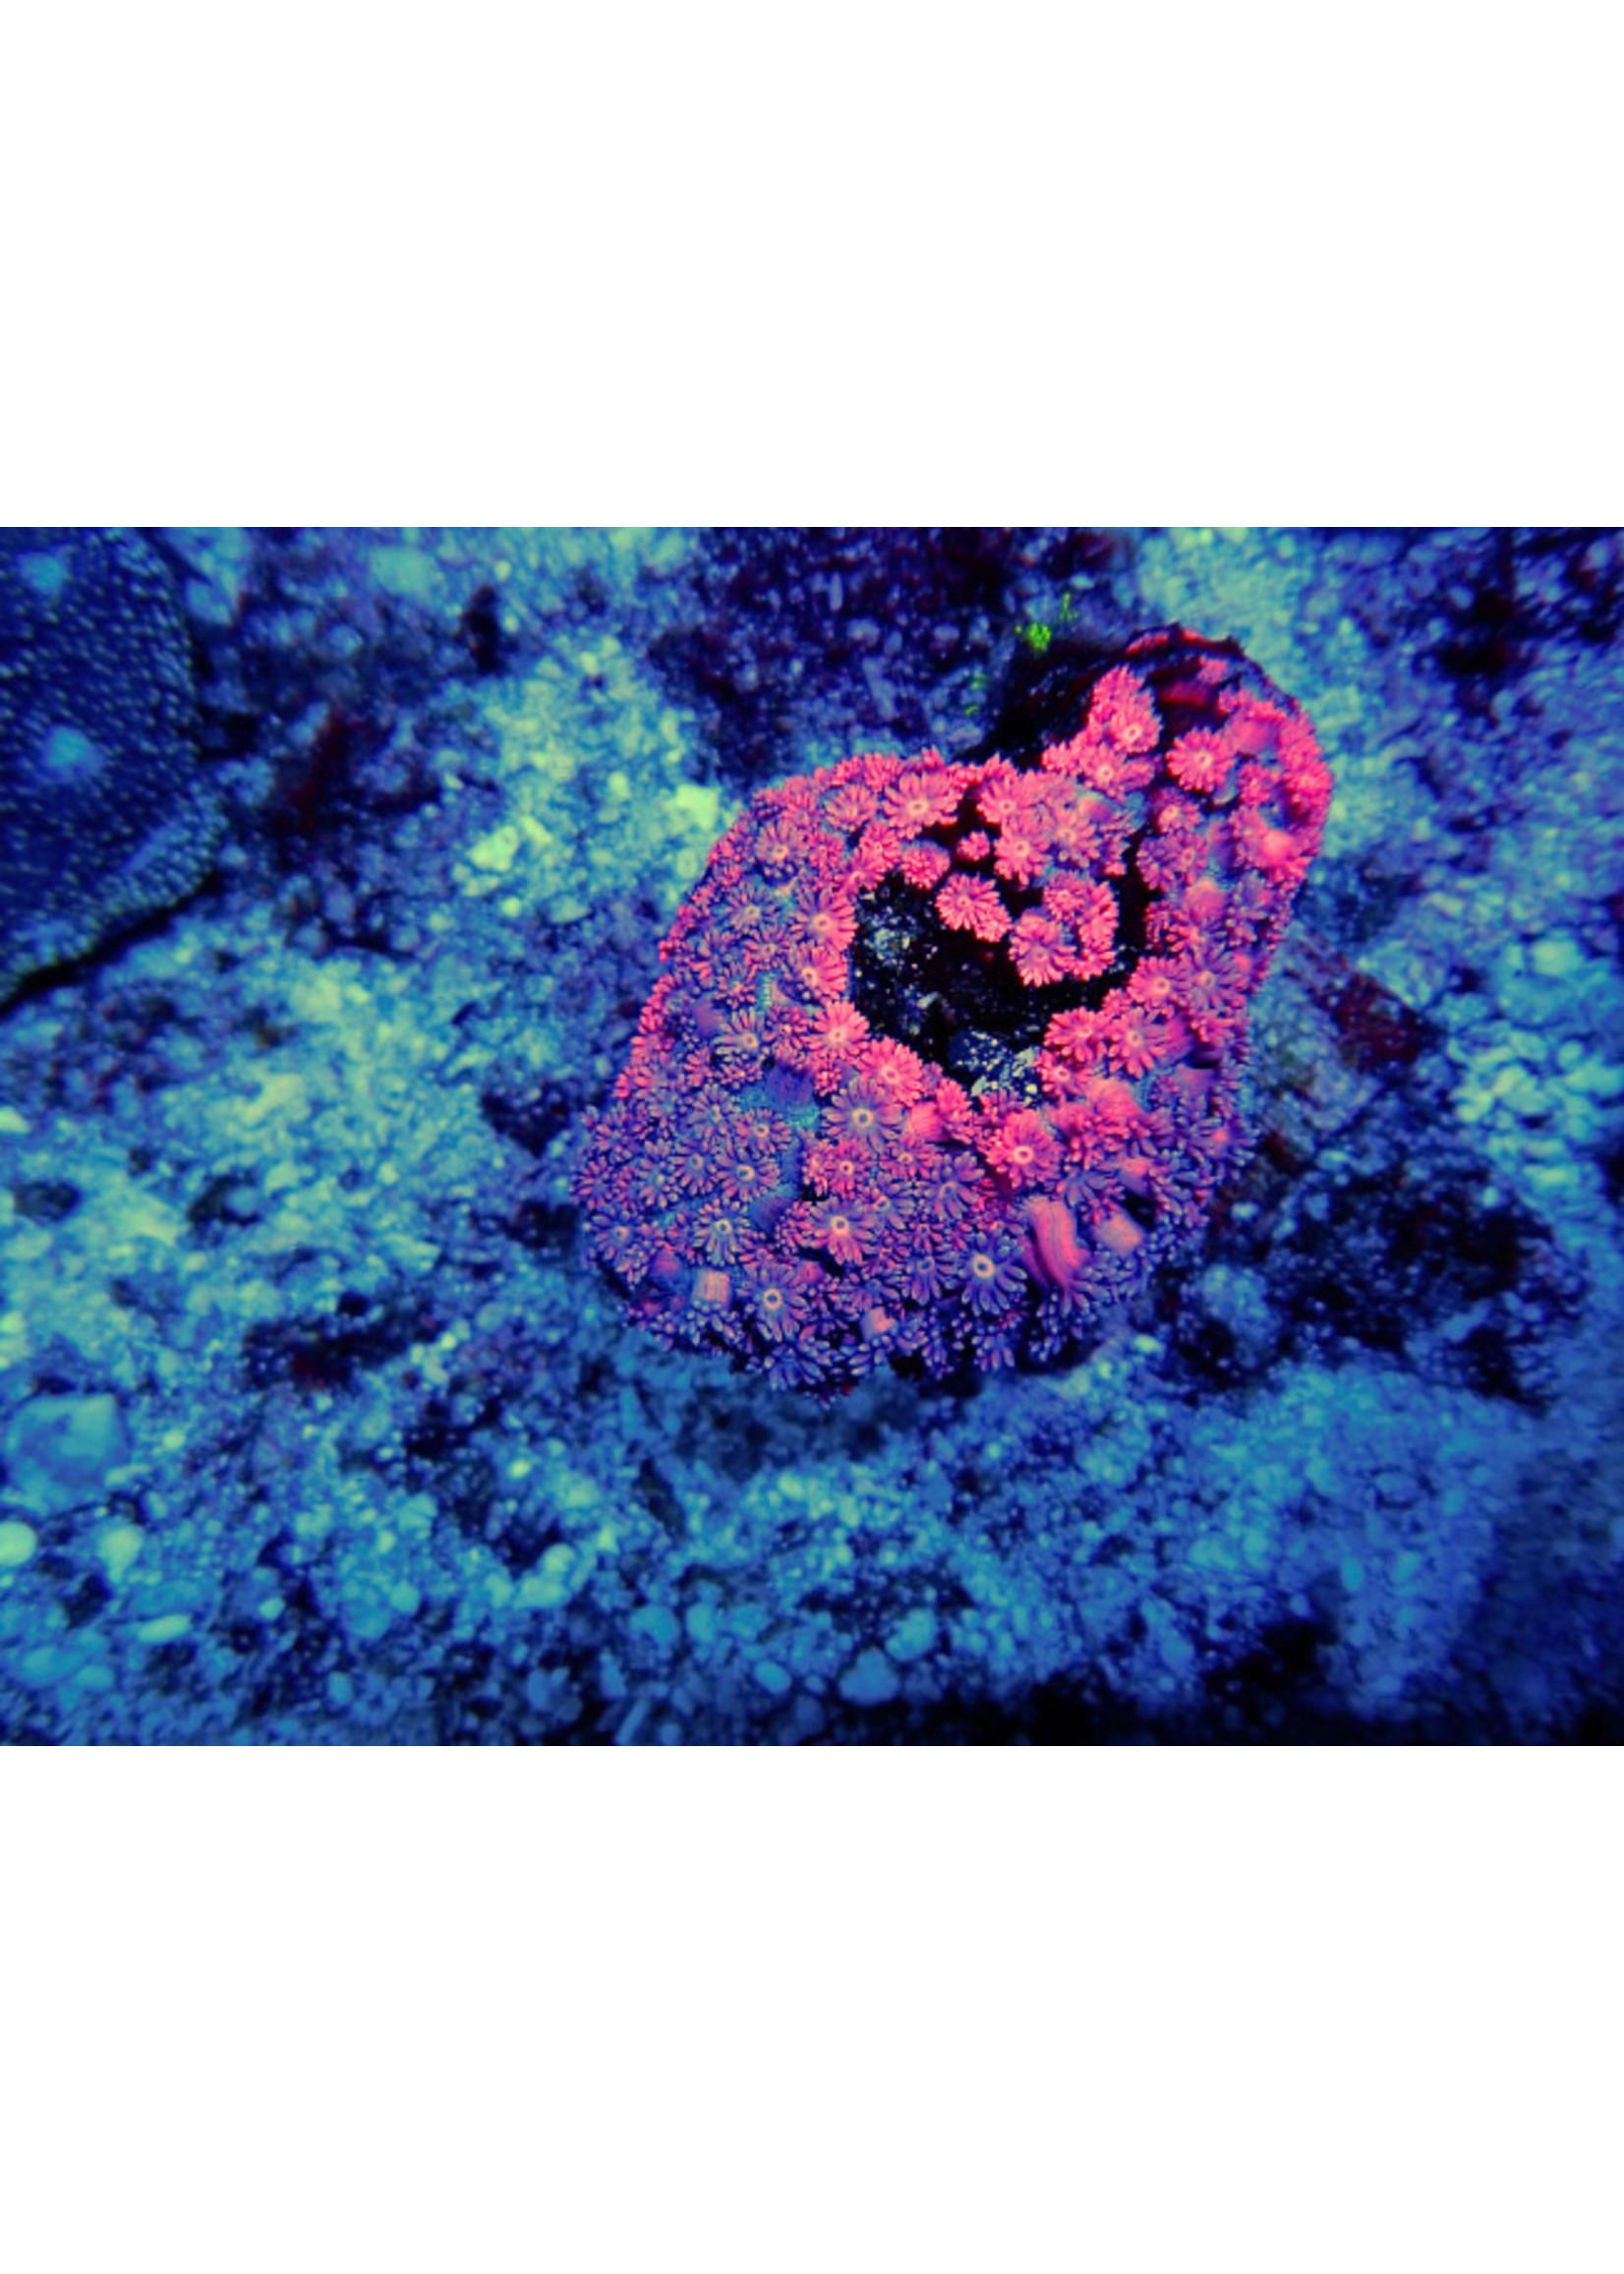 Goniopora Indo Goniopora Coral  WYSIWYG